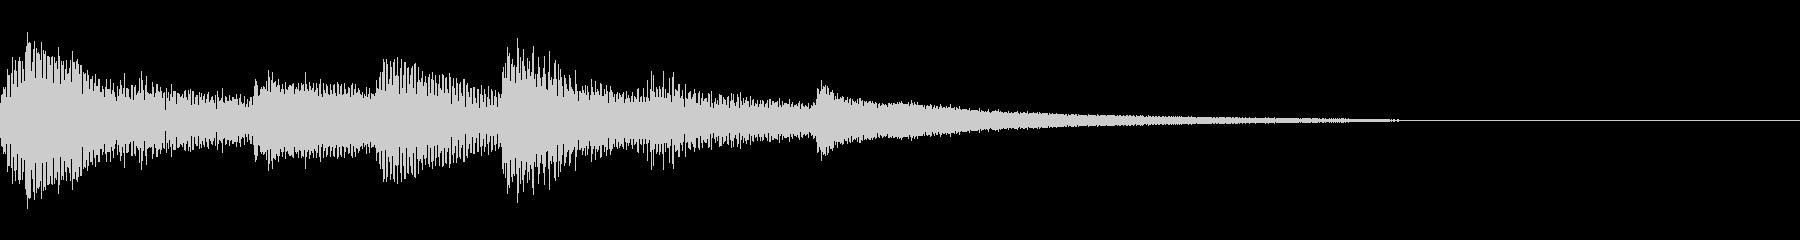 おしゃれなピアノのジングル23の未再生の波形